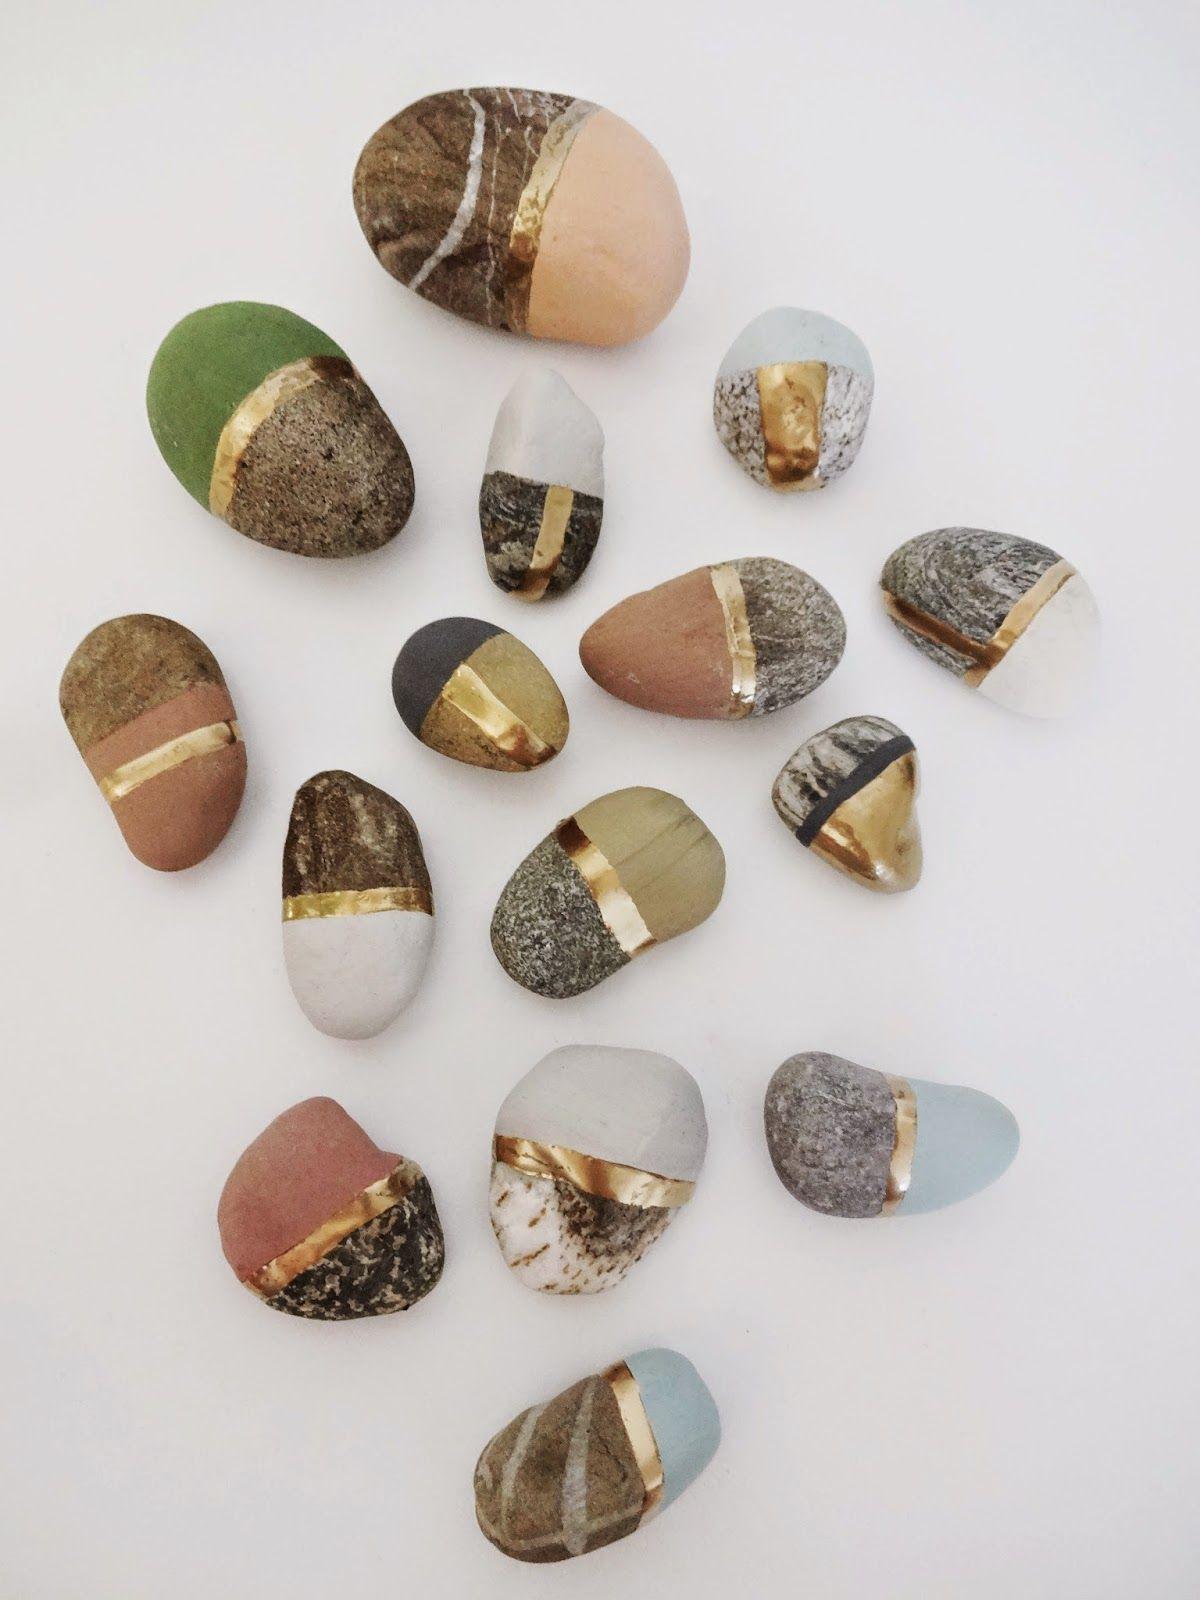 Hallo   Wie kleine Schmuckstücke sehen sie aus, meine bemalten Steine....           Eigentlich für etwas anderes gedacht und gesammelt von m... #bemaltesteine